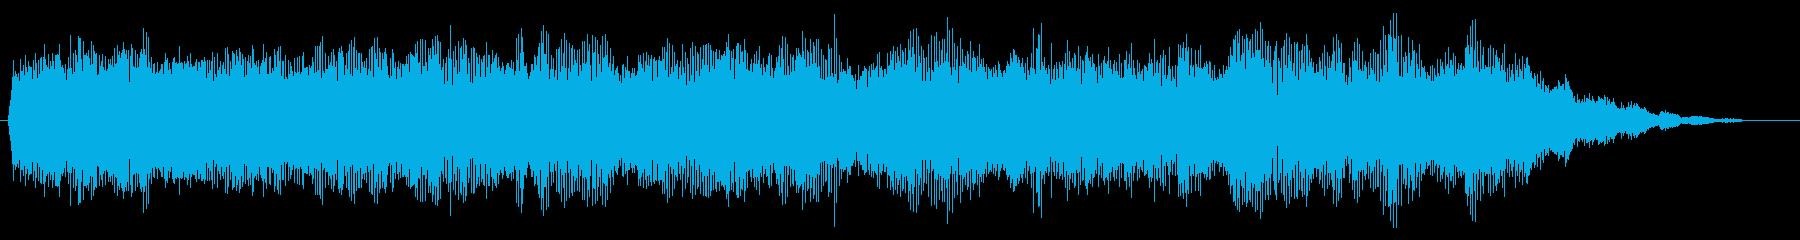 トランジション パッドスイープブラス01の再生済みの波形